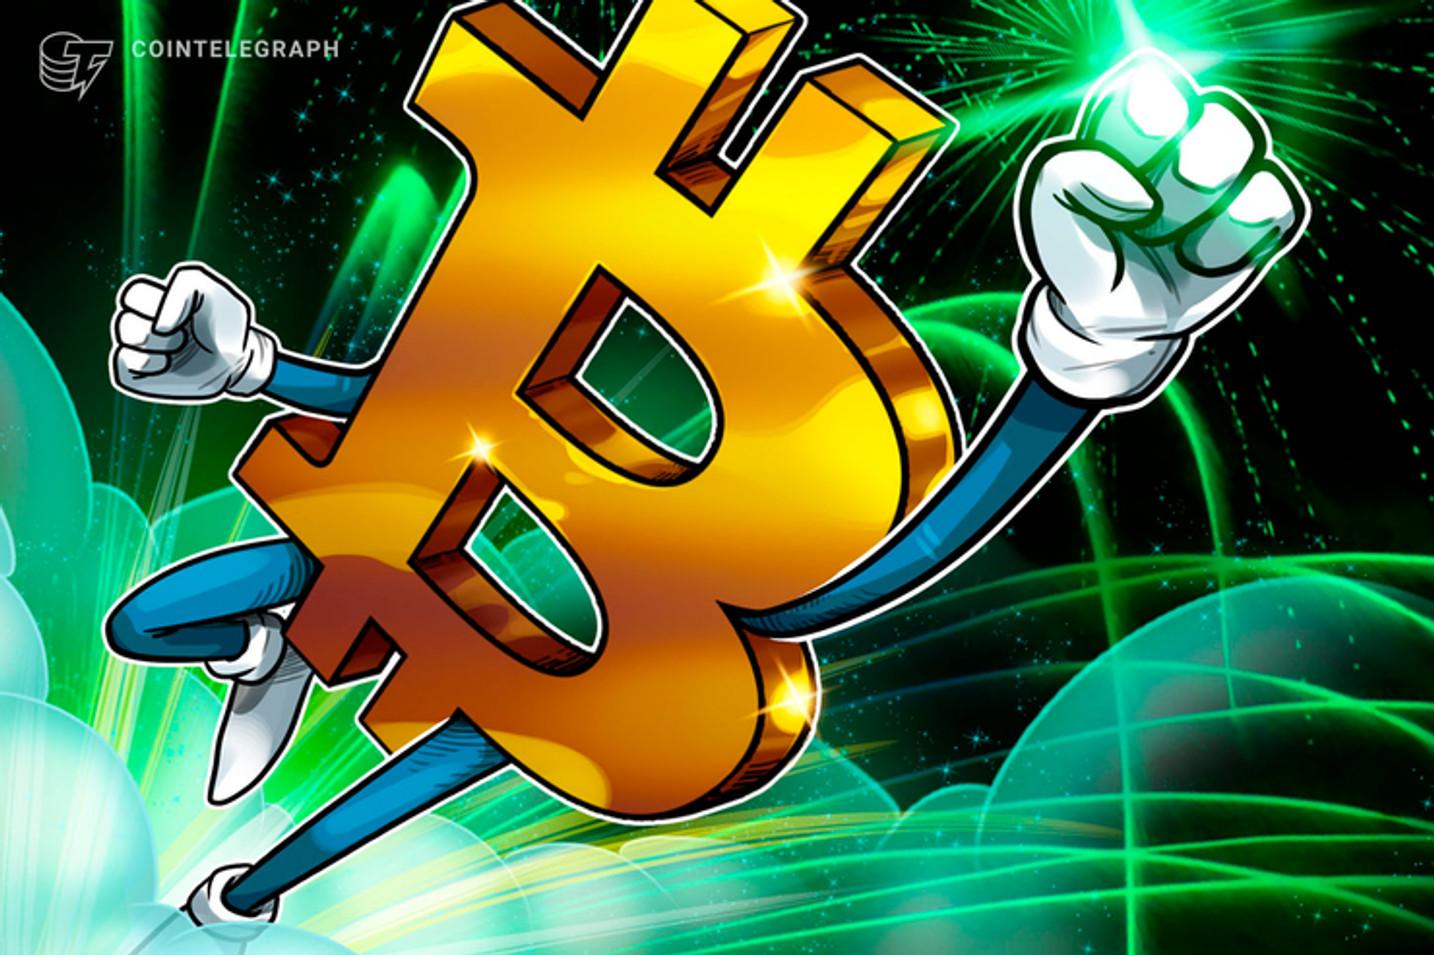 'US$ 2.2 trilhões foram transferidos durante a história do Bitcoin', afirma novo relatório da Fidelity